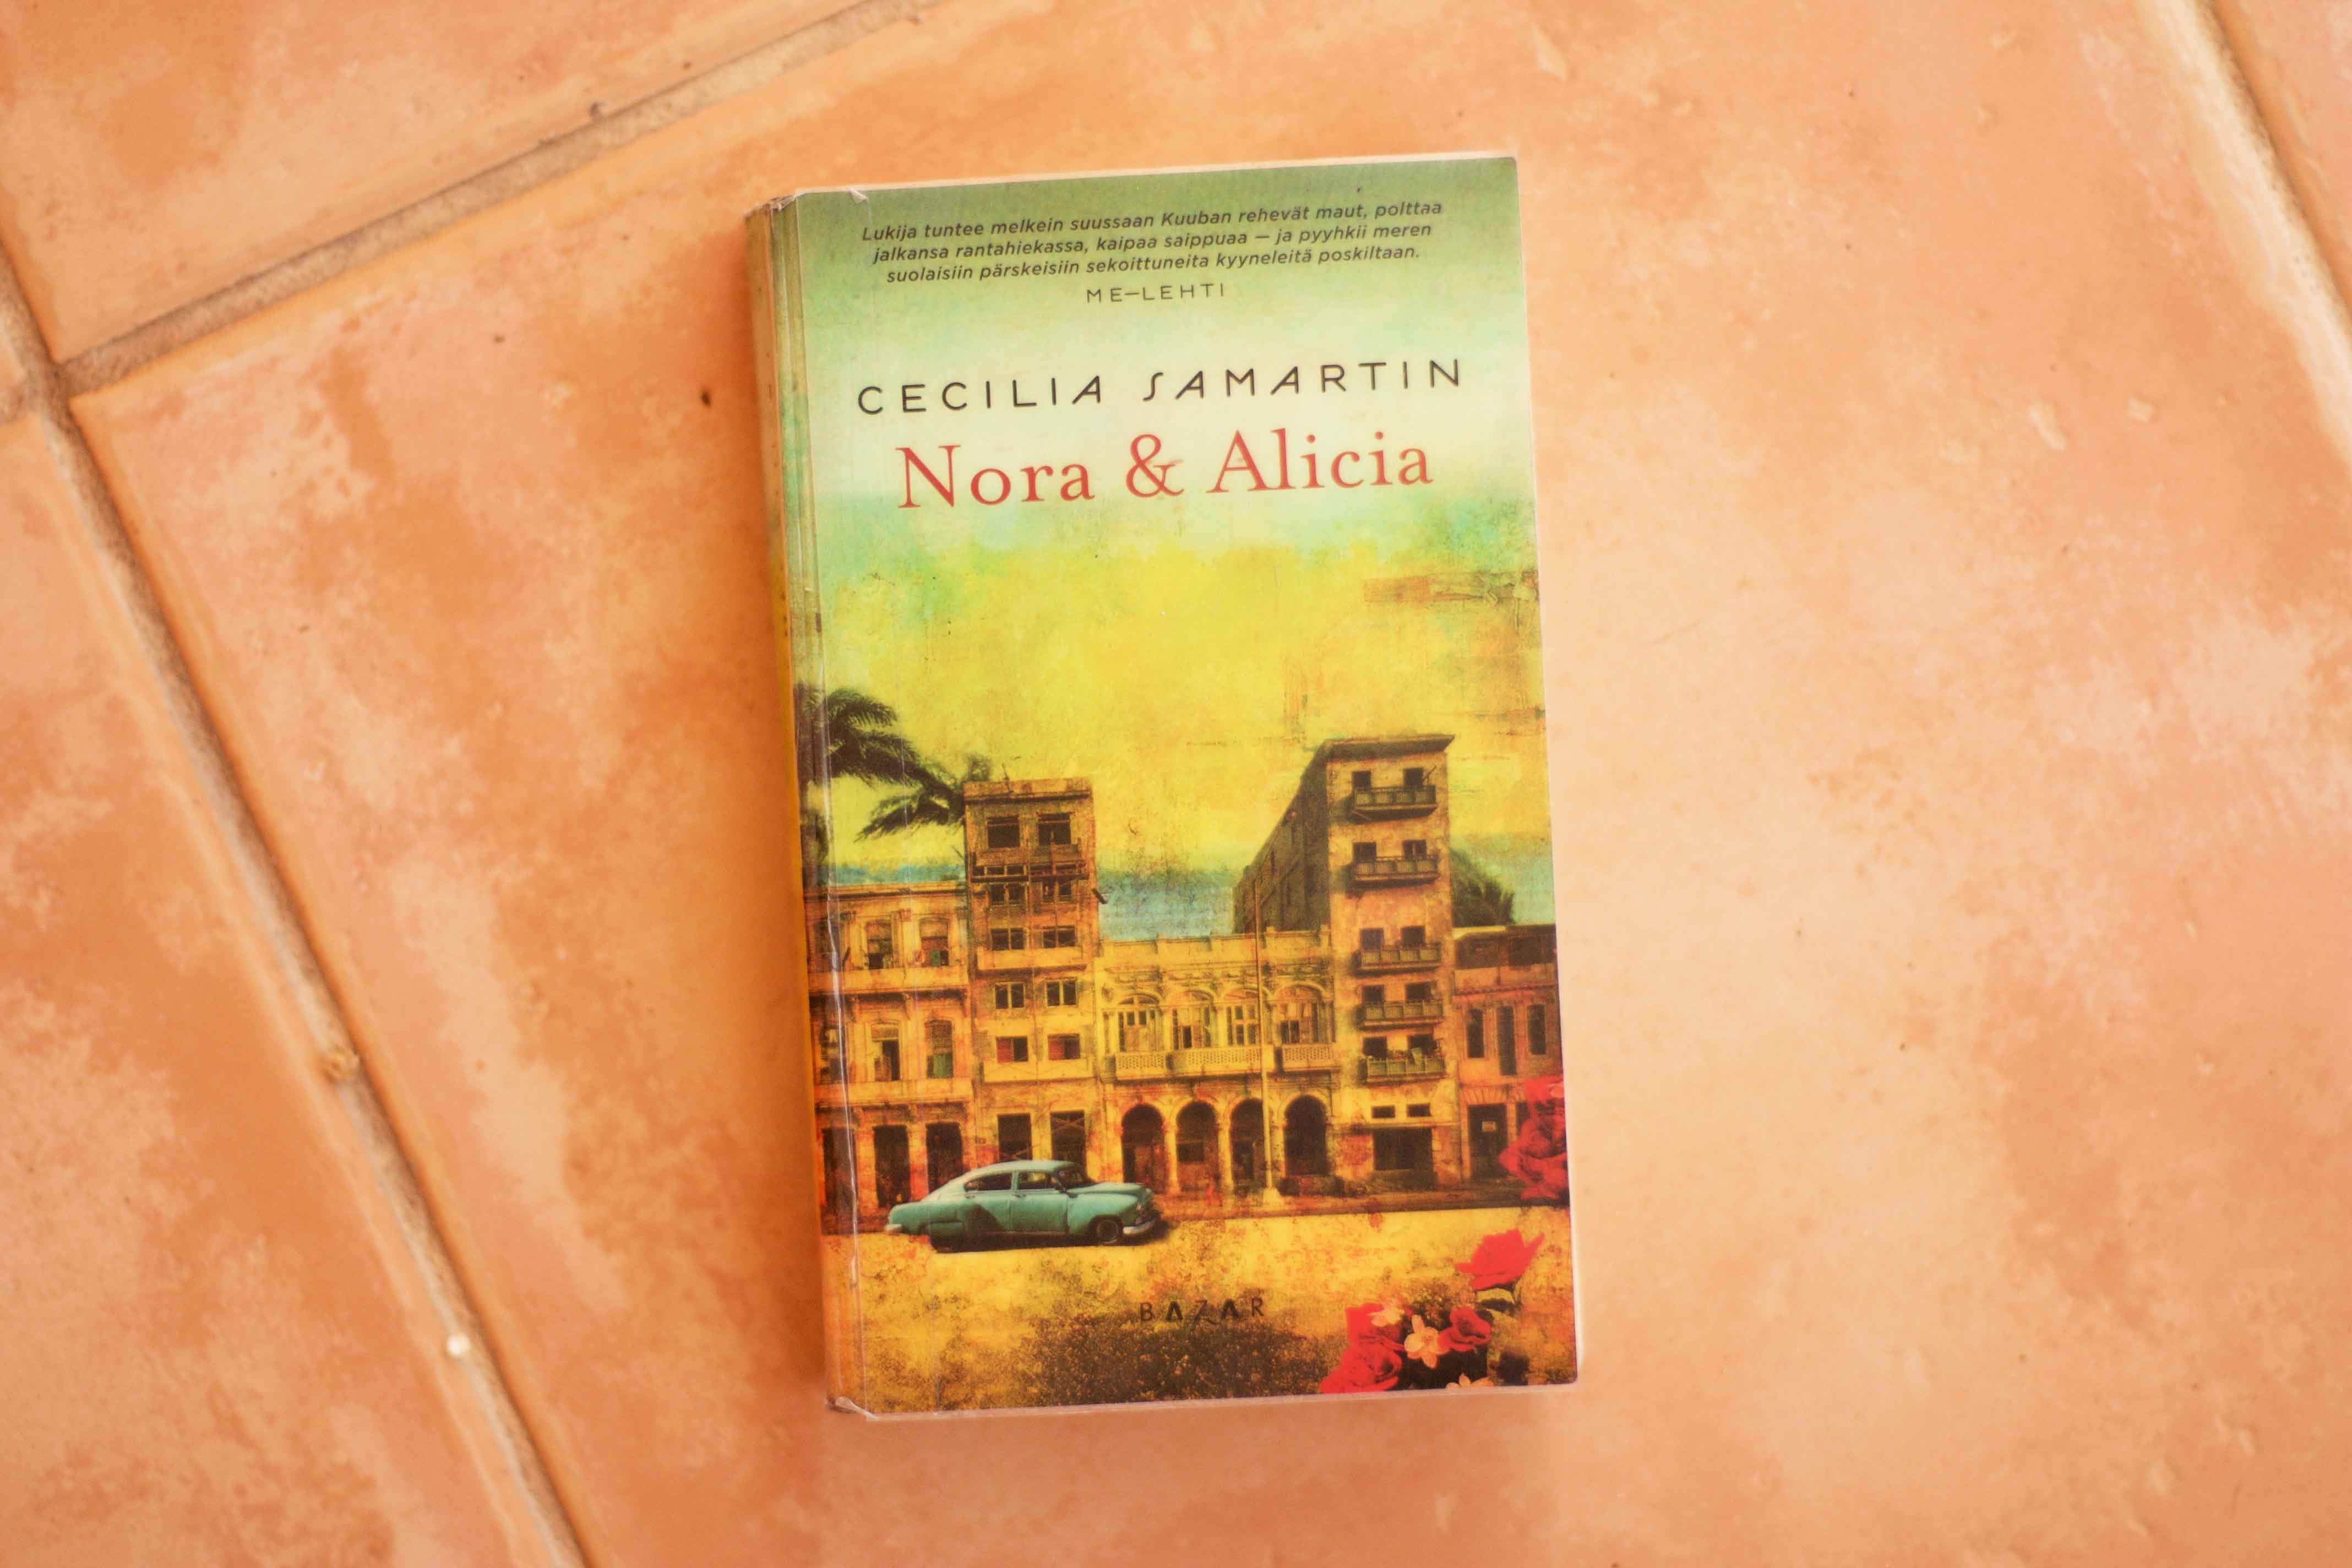 nora & alicia